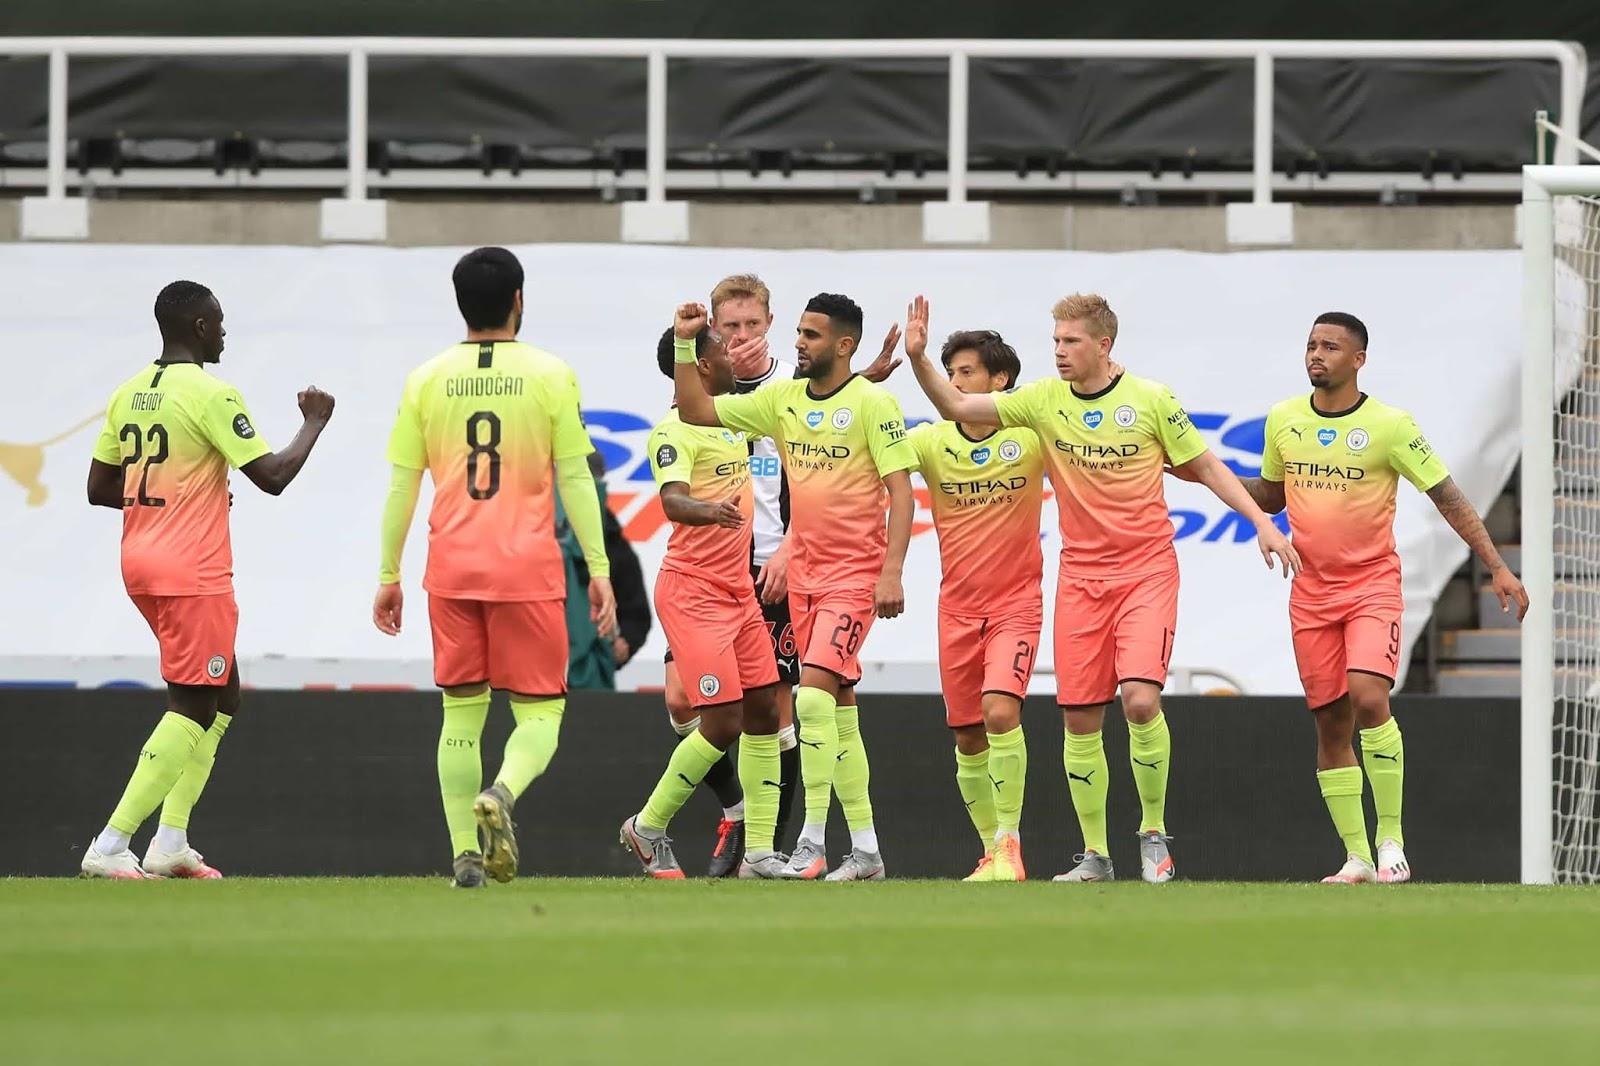 Manchester City avanzó a la semifinal de la FA Cup